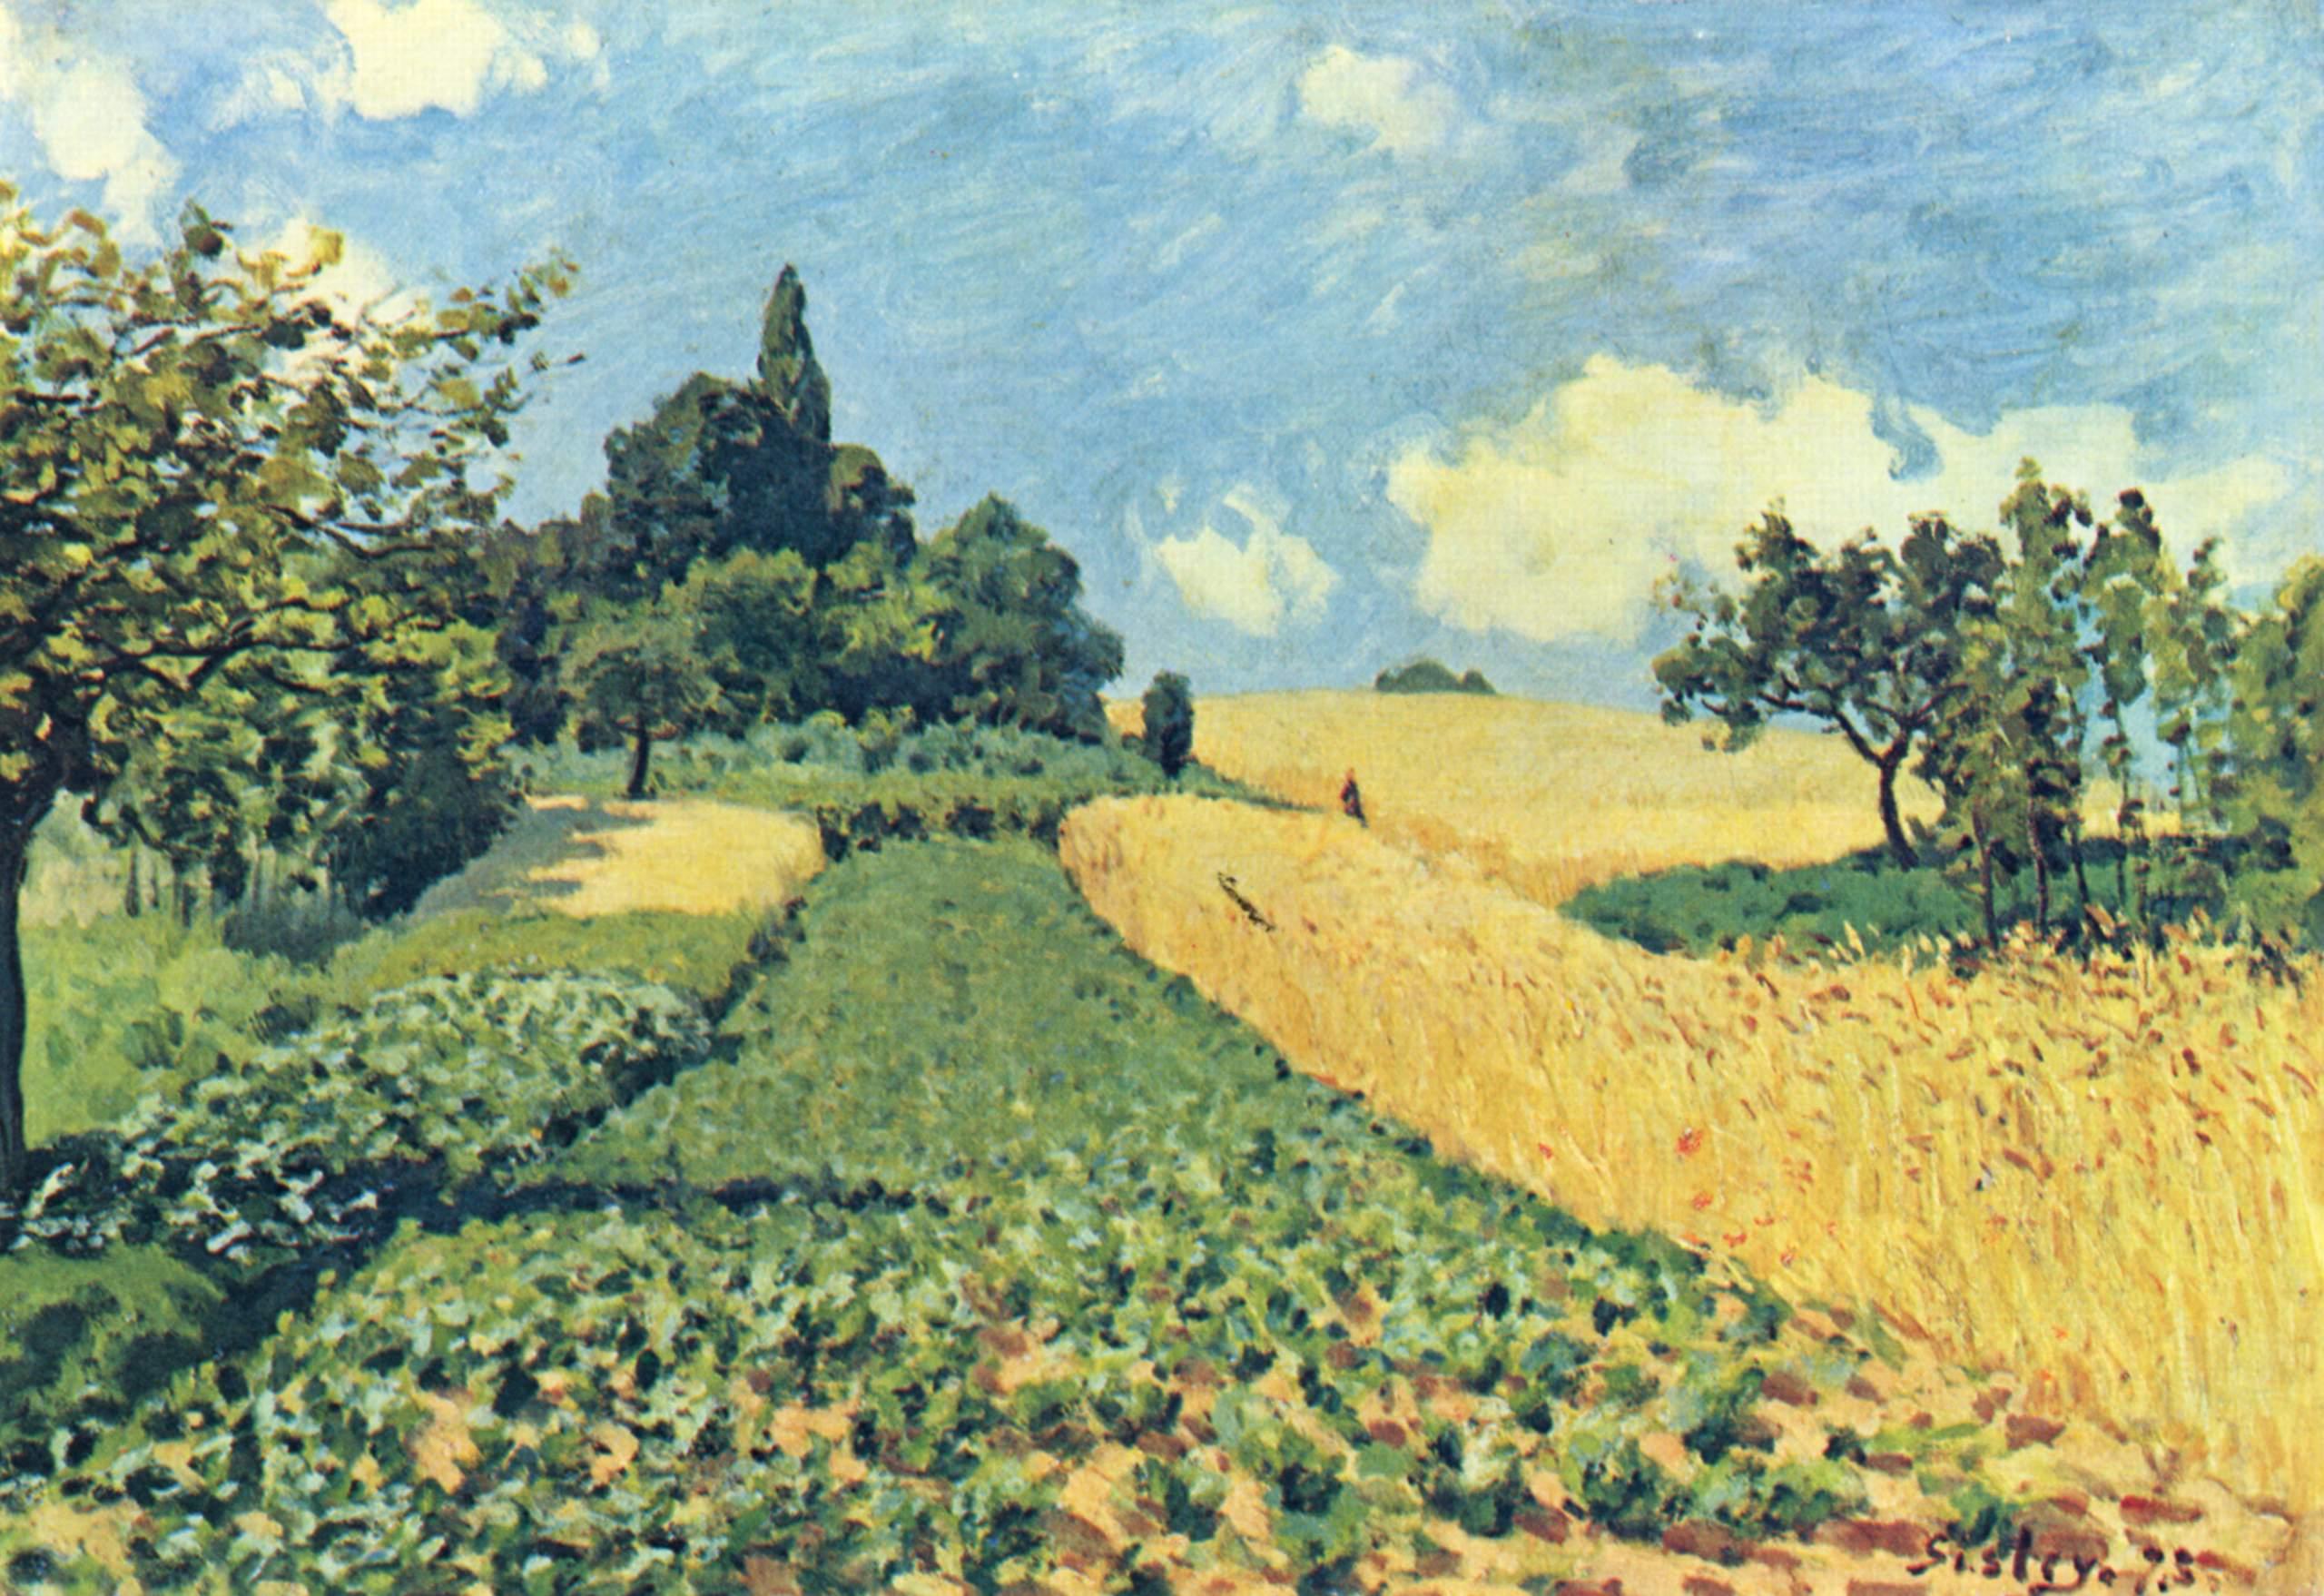 File:Alfred Sisley 031.jpg - Wikimedia Commons